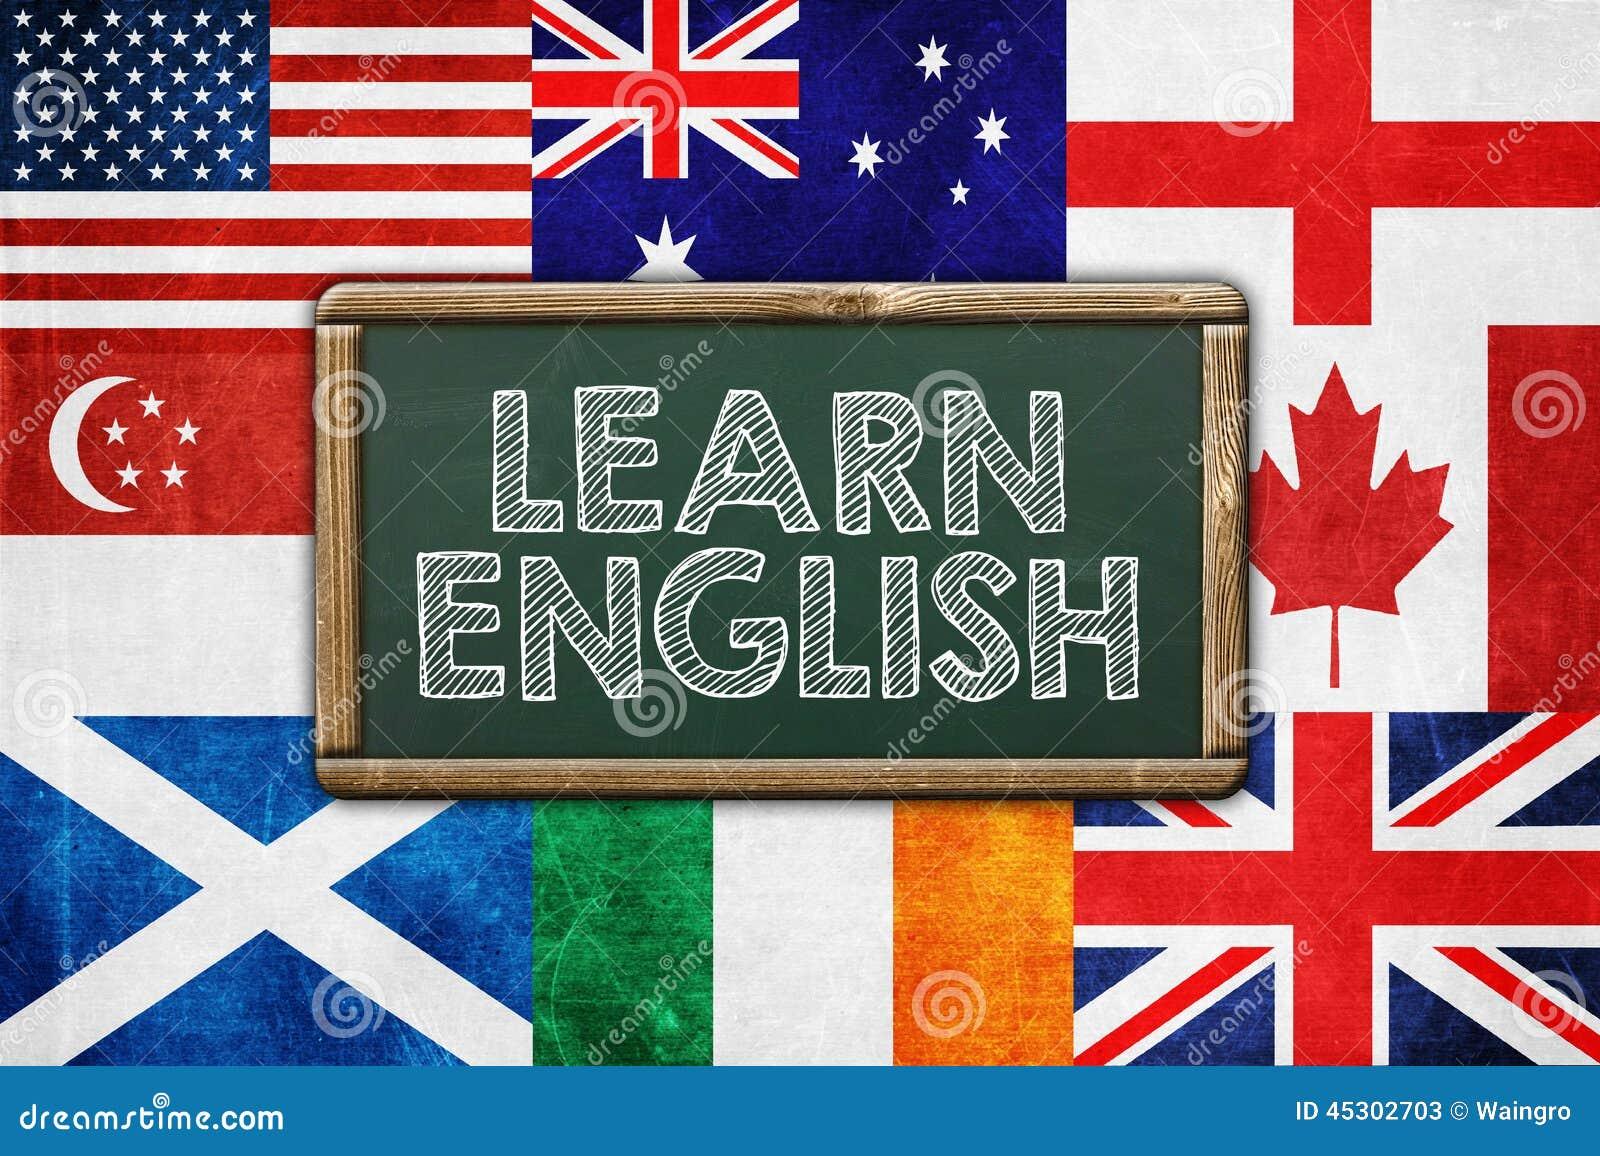 Erlernen Sie Englisch